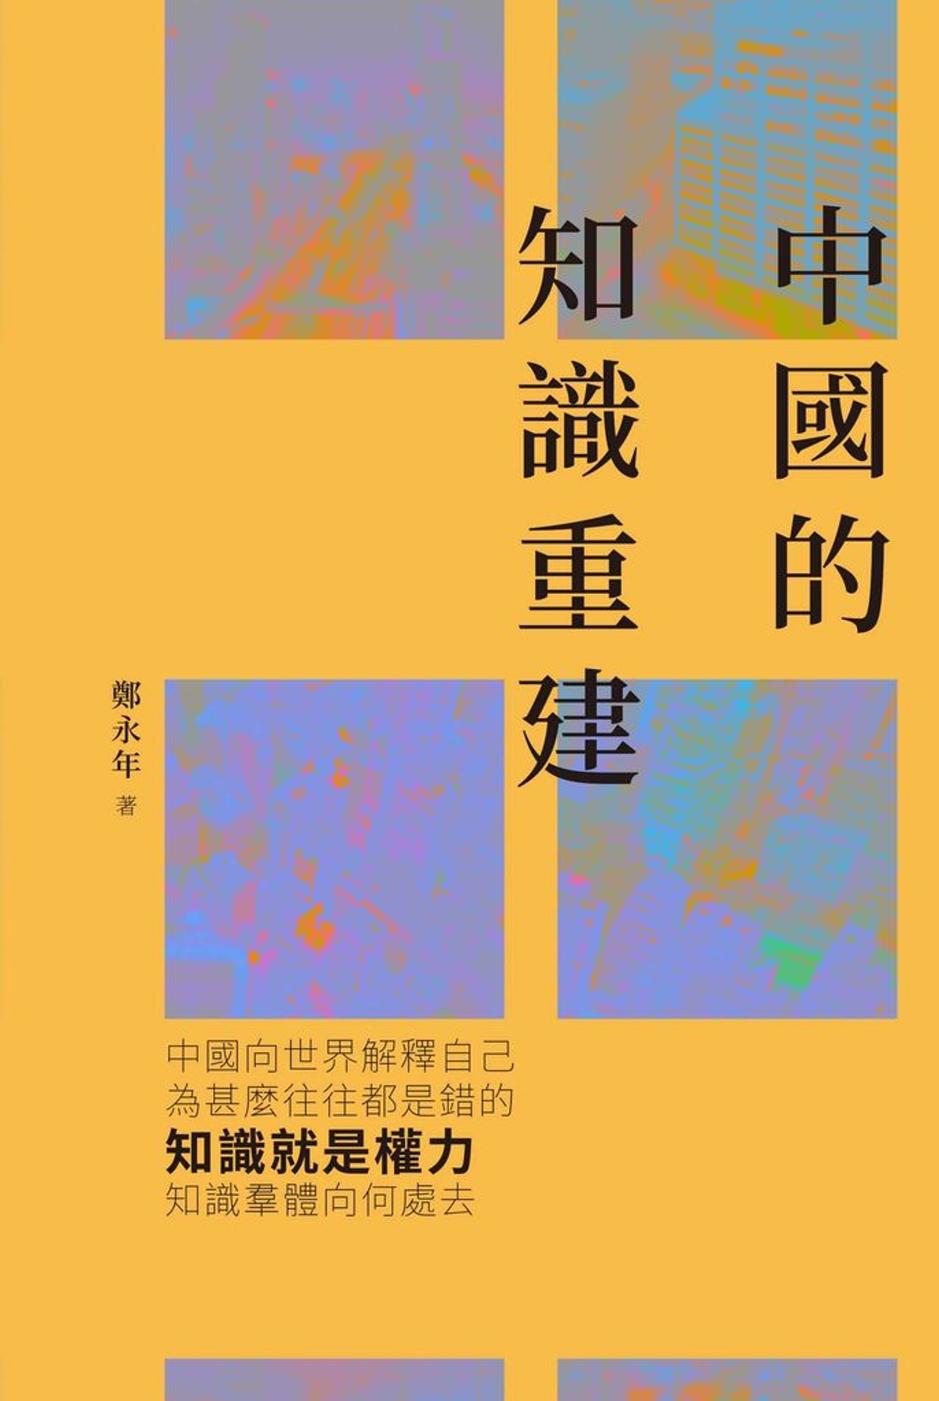 中國的知識重建